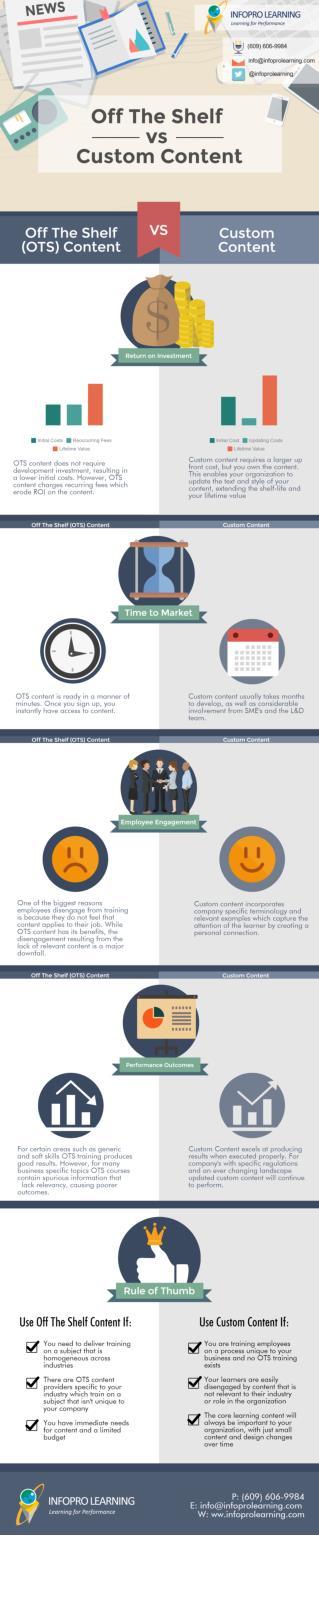 OTS vs Custom Content